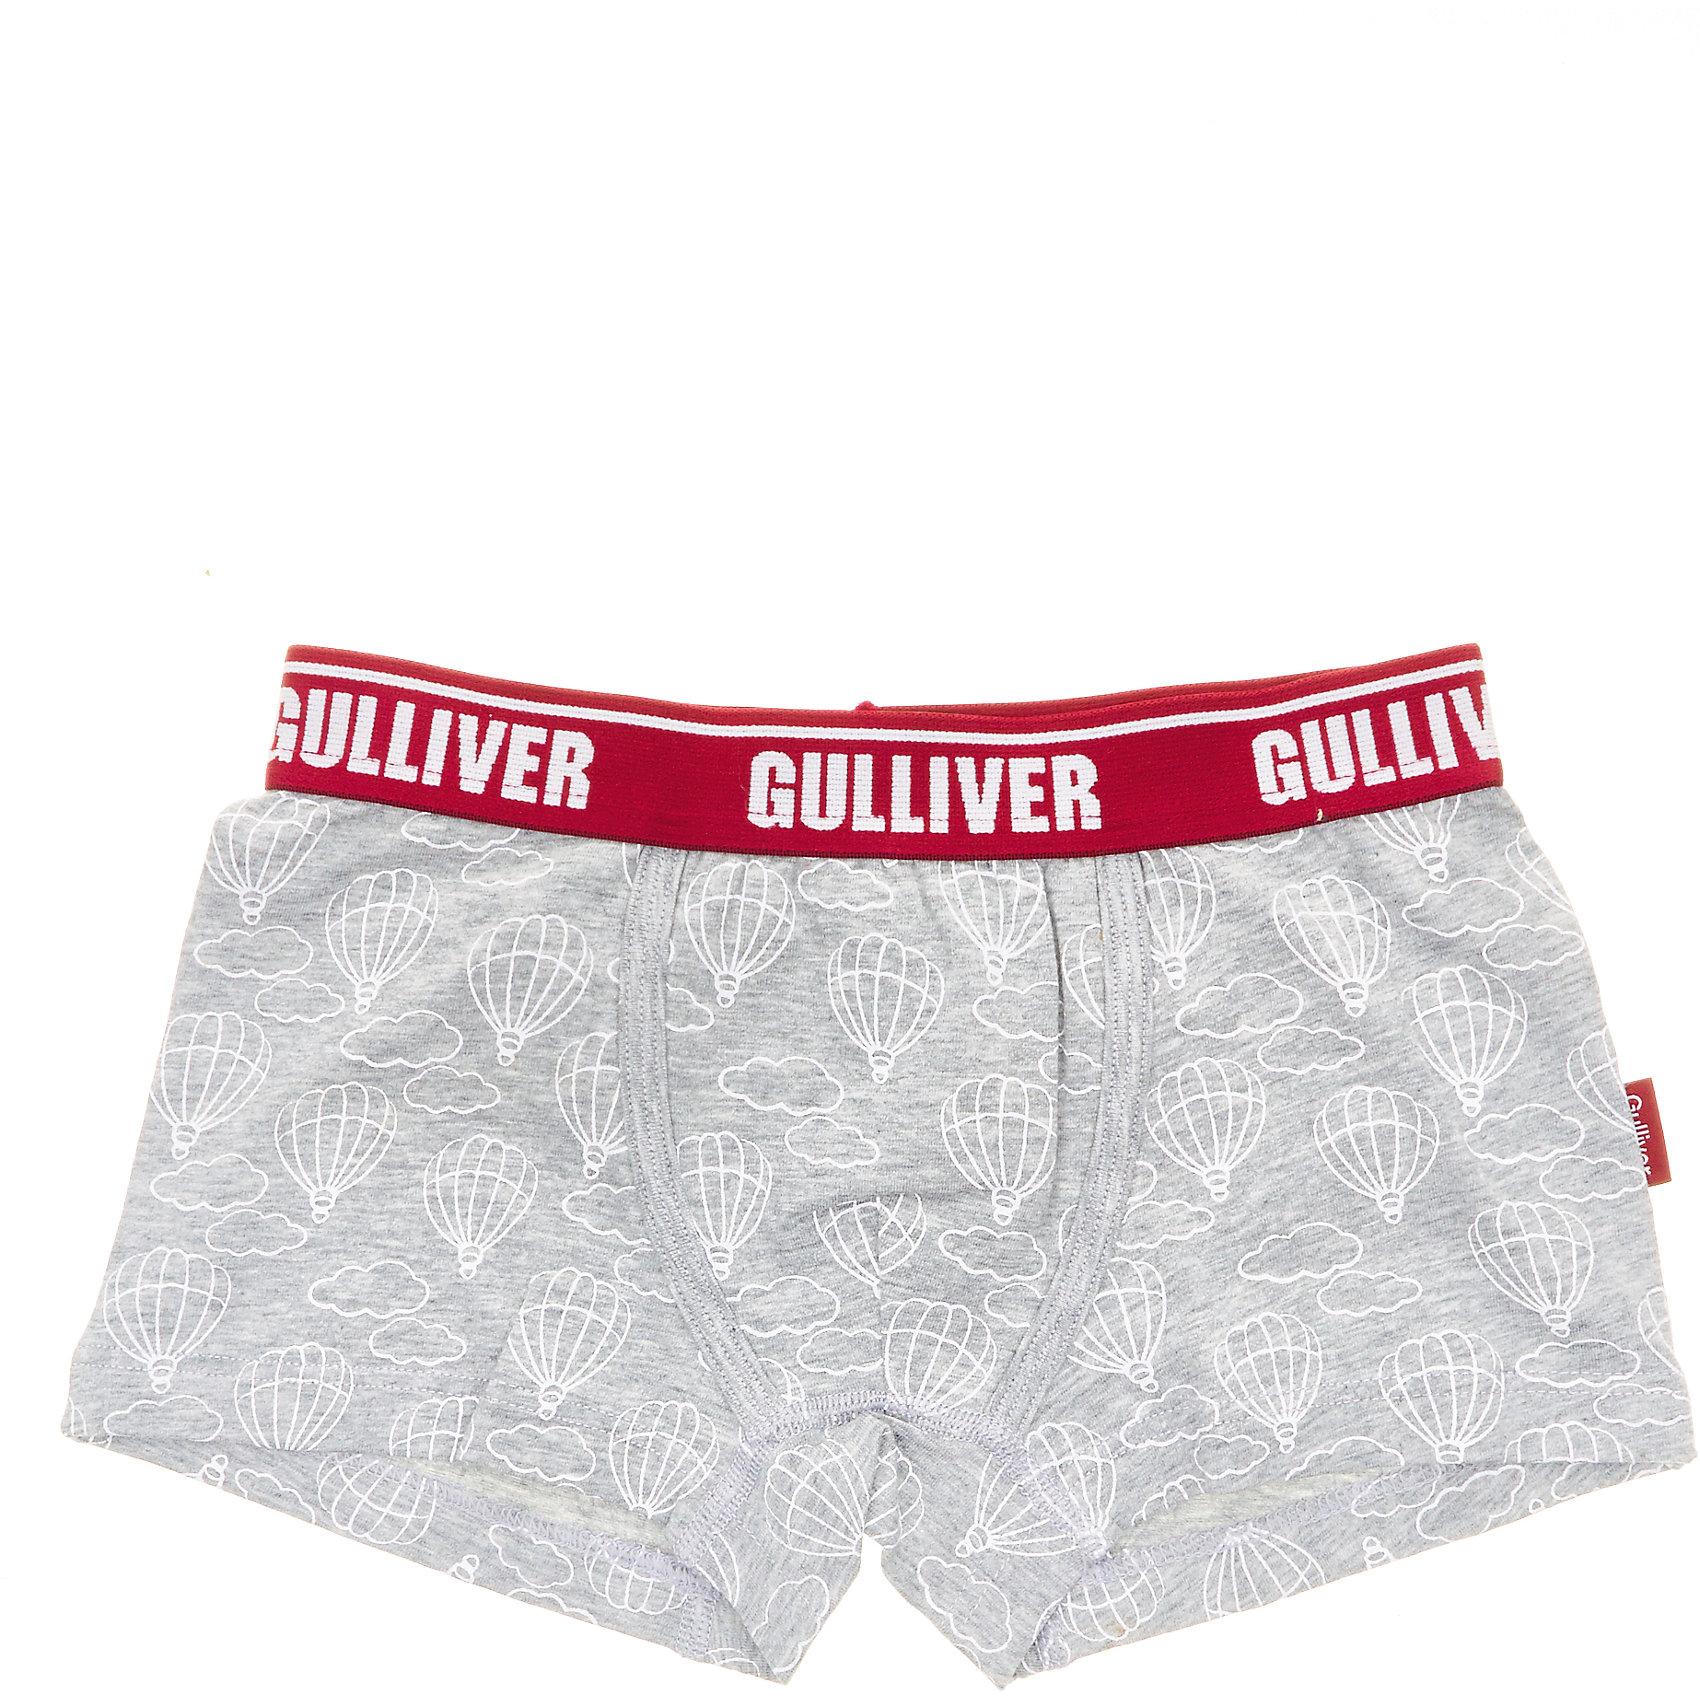 Трусы Gulliver для мальчикаНижнее бельё<br>Трусы Gulliver для мальчика<br>Белье для мальчиков должно быть красивым и удобным! - выбирая трусы для юного модника, каждая мама хочет купить детское белье, соответствующее самым высоким стандартам качества и комфорта. Детские трусы от Gulliver - идеальное решение для каждого дня. Интересный дизайн, мягкость, эстетичность, приятное прилегание к телу - залог хорошего самочувствия и отличного настроения ребенка.<br>Состав:<br>95% хлопок        5% эластан<br><br>Ширина мм: 196<br>Глубина мм: 10<br>Высота мм: 154<br>Вес г: 152<br>Цвет: серый<br>Возраст от месяцев: 24<br>Возраст до месяцев: 36<br>Пол: Мужской<br>Возраст: Детский<br>Размер: 98,158,110,122,134,146<br>SKU: 7078078